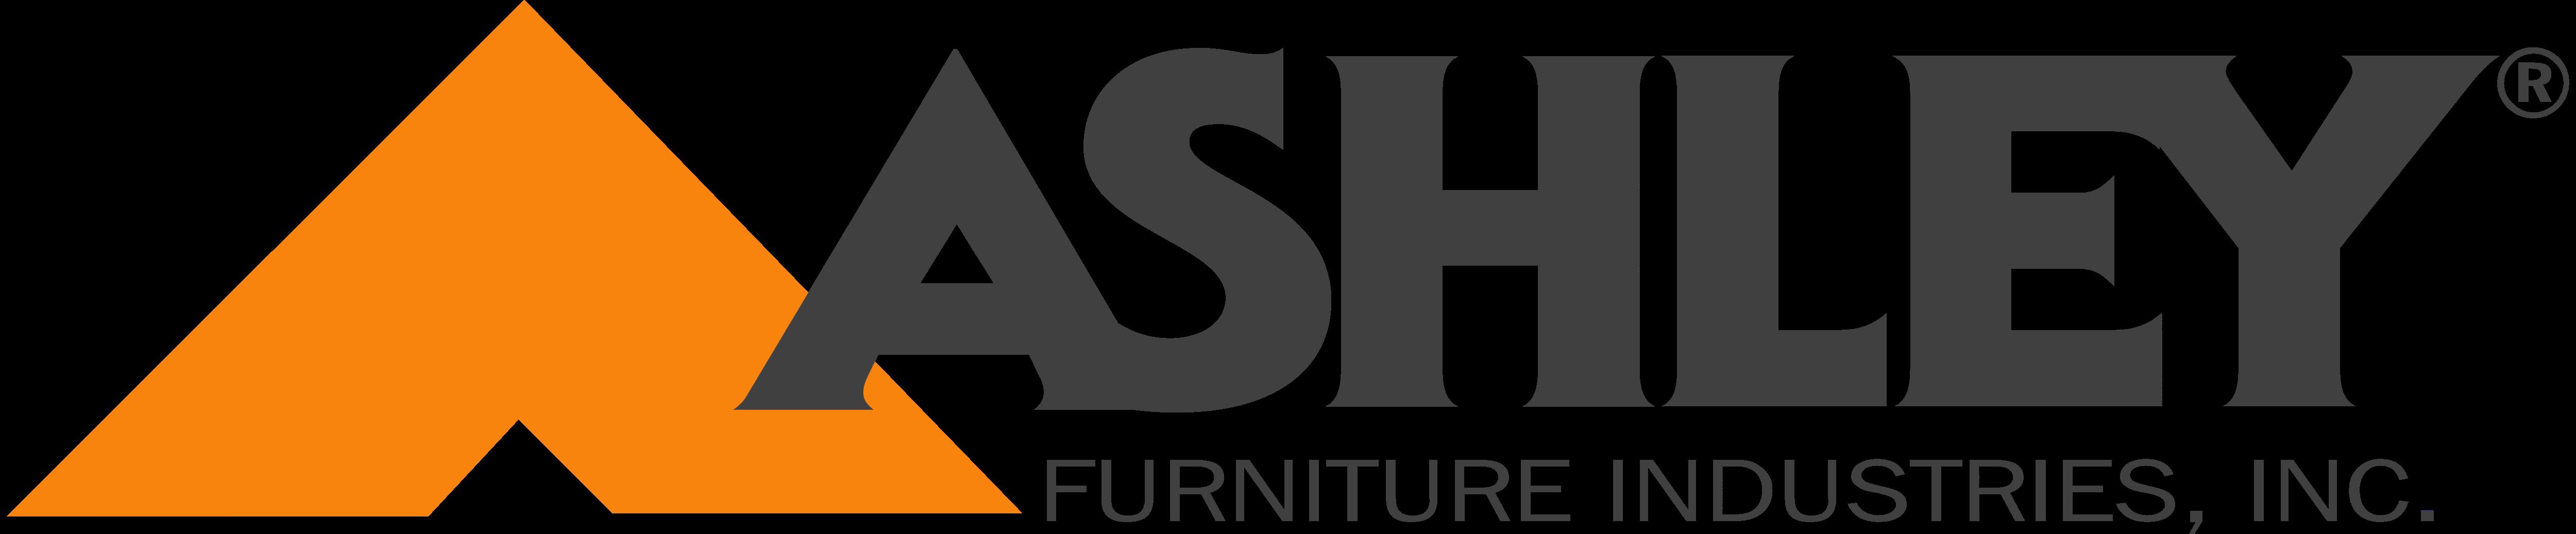 ashley furniture logos download